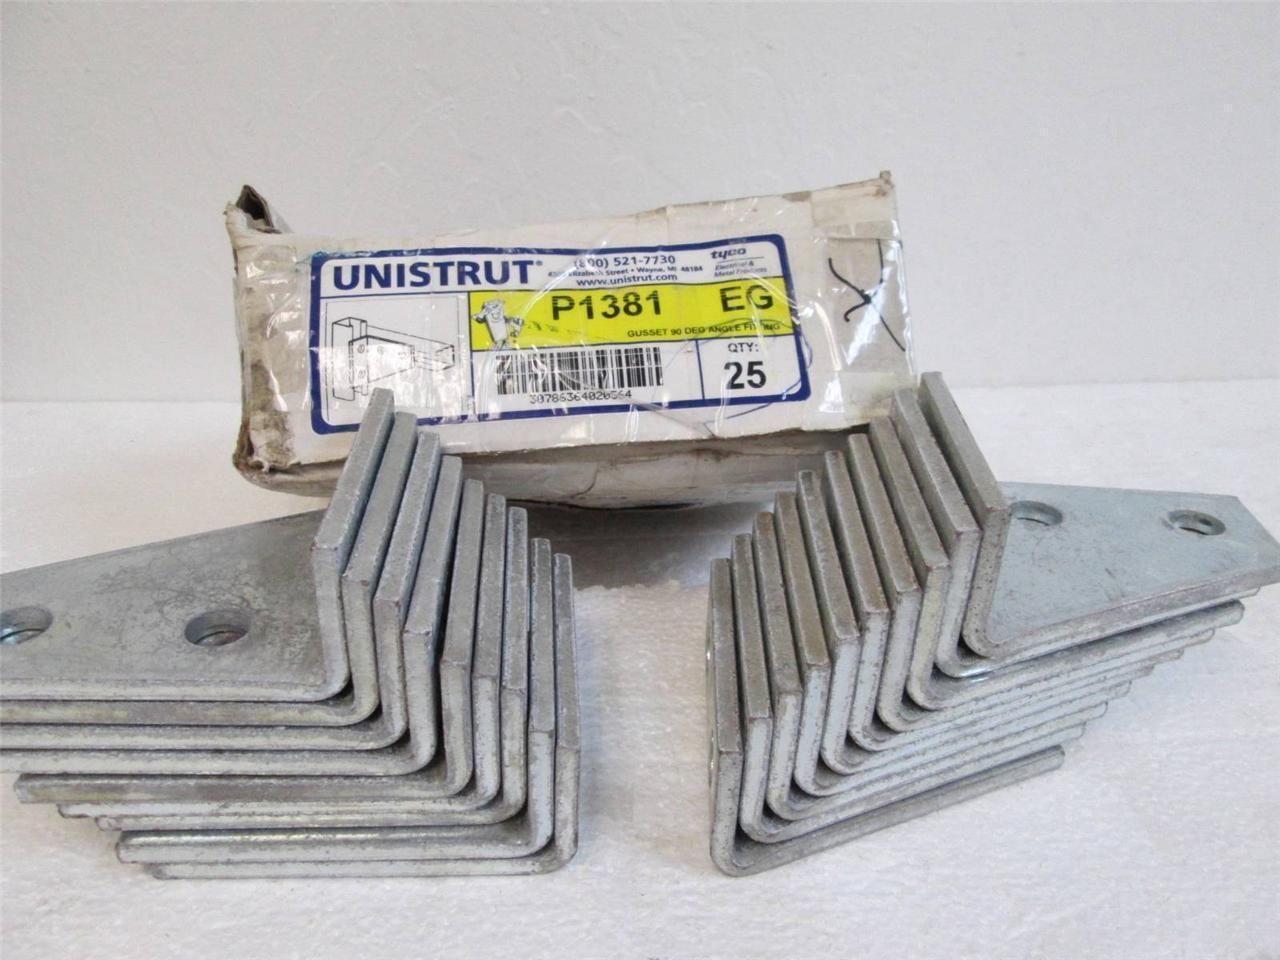 Box of 19 Tyco/Unistrut P1381 EG Gusset 90 and 50 similar items